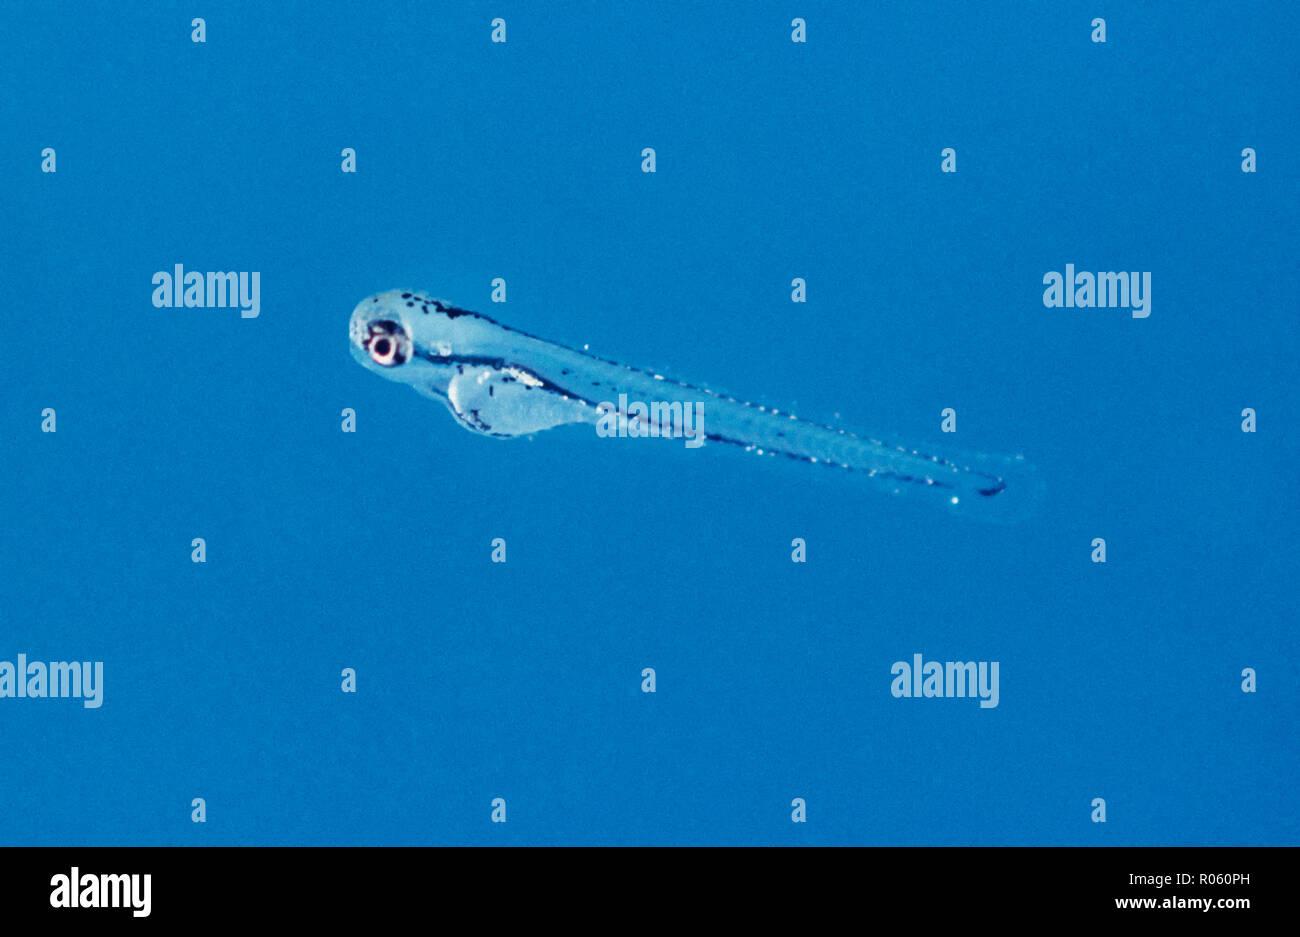 Zebrafisch, Danio rerio, Braten am Aquarium. Seit den 1930er Jahren, Zebrafisch, einem Modellorganismus für die Erforschung menschlicher Krankheiten. Stockbild